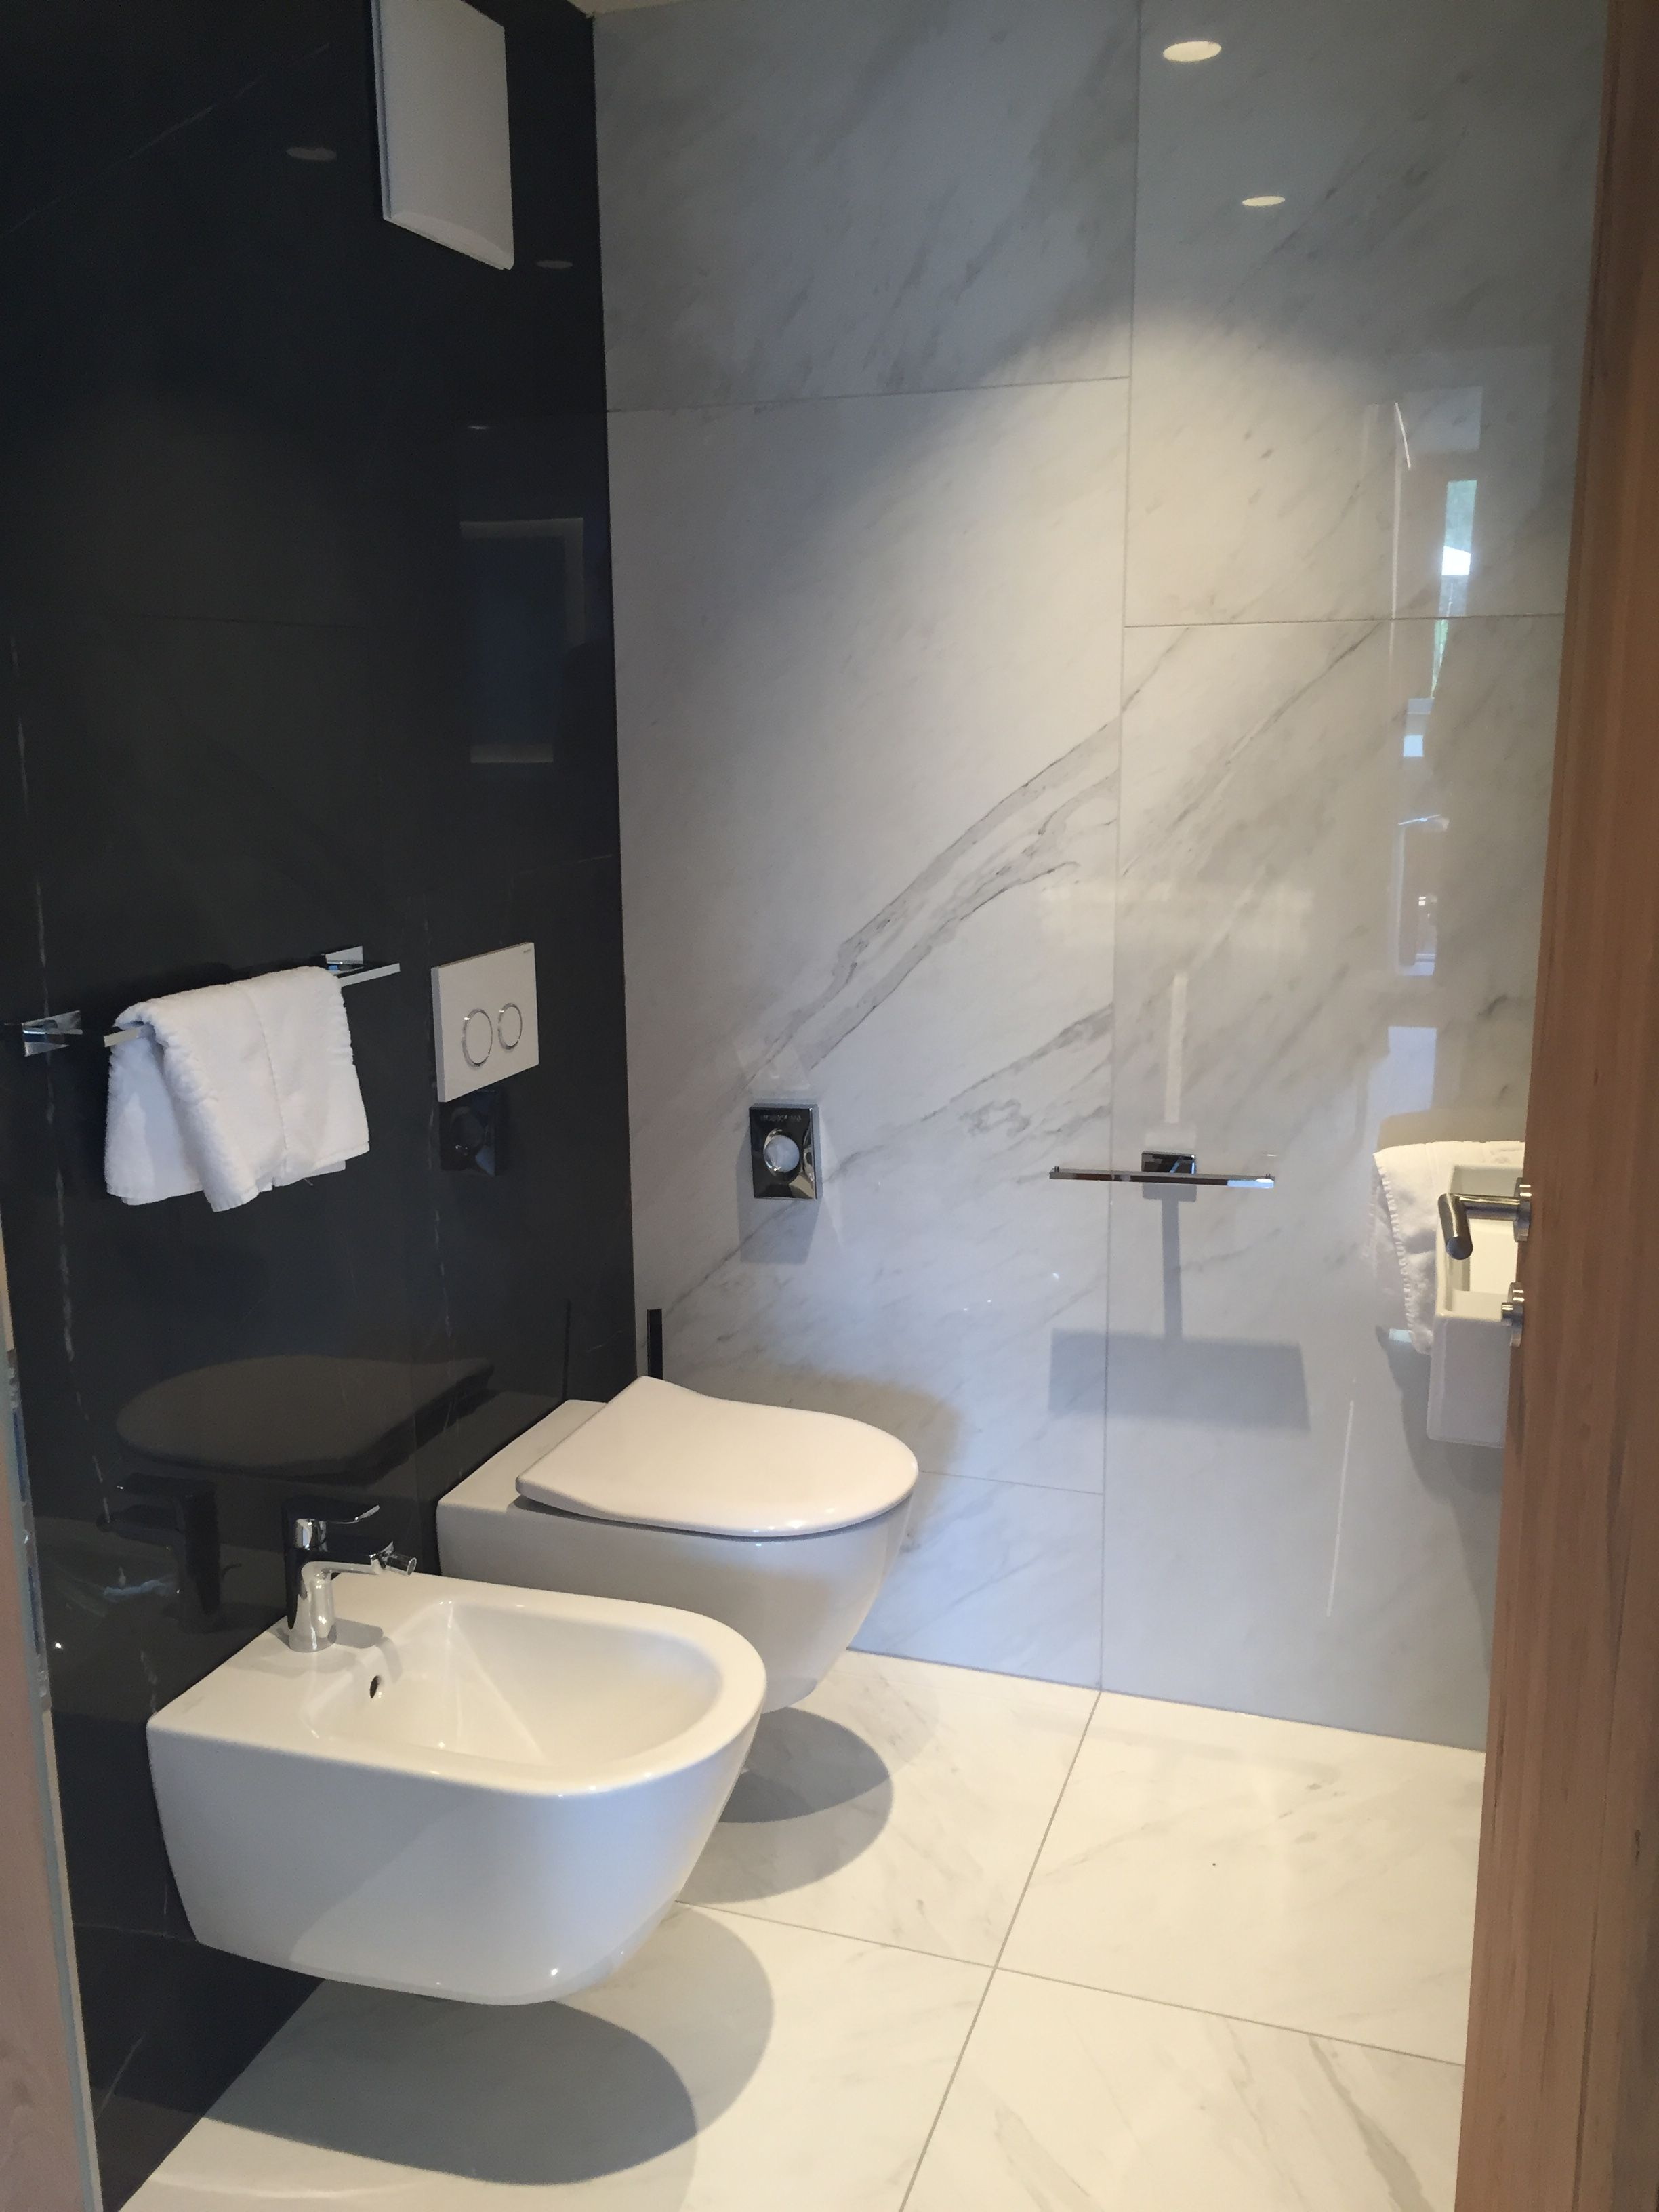 Kleines Badezimmer Mit XXL Fliesen In Marmoroptik. #Badezimmer #Fliesen  #Marmorfliesen